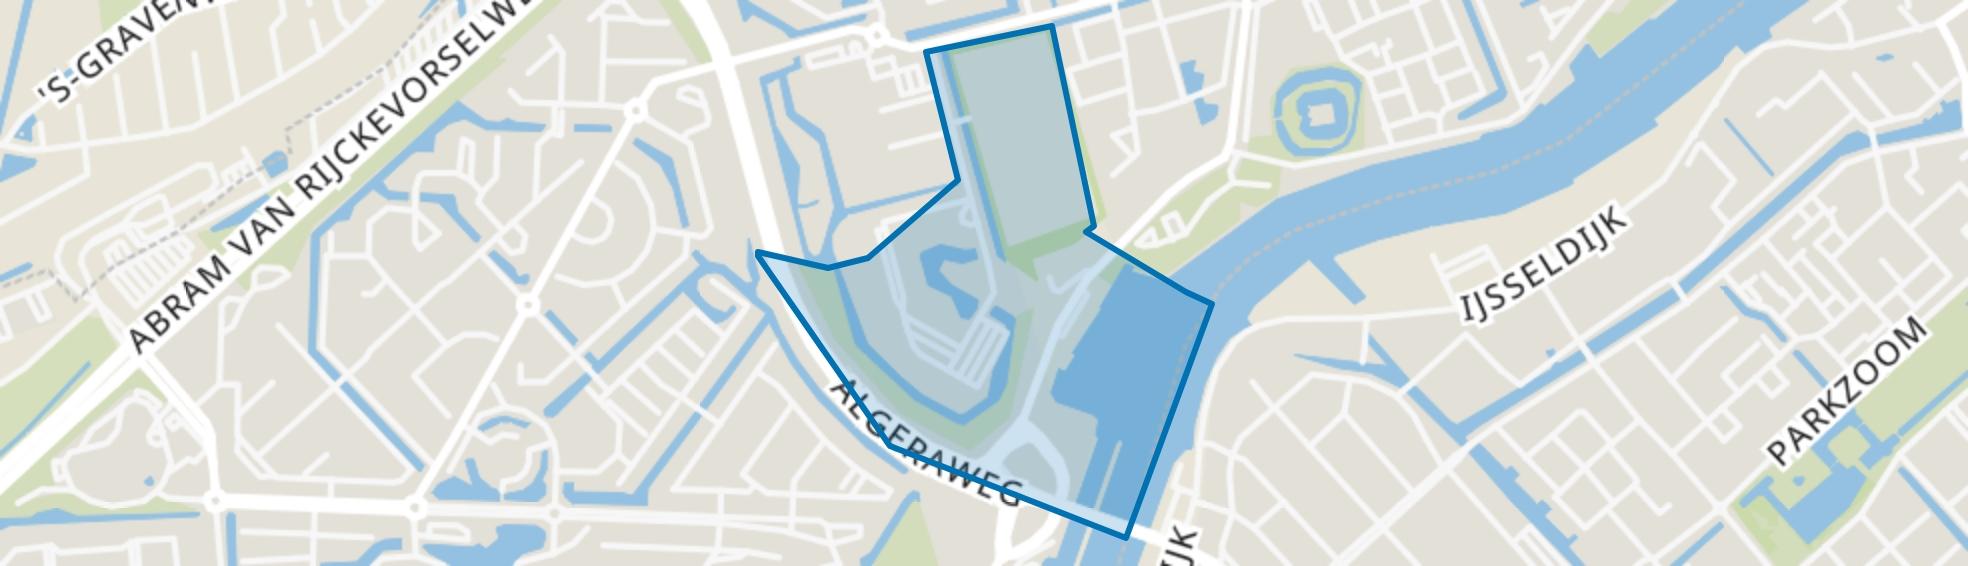 Valeriusbuurt, Capelle aan den IJssel map